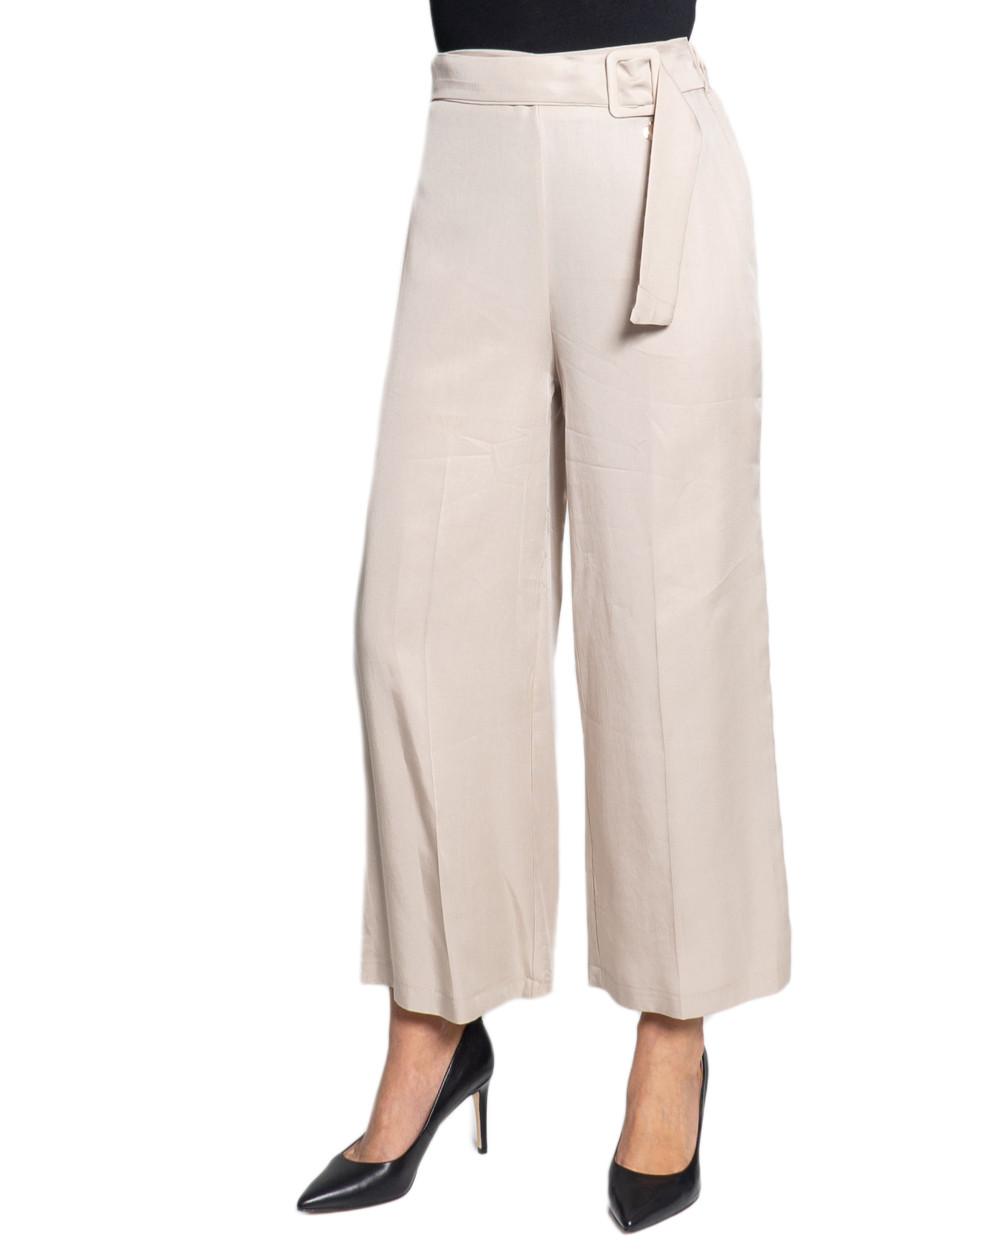 Marchio Ak Genere Donna Tipologia Pantaloni Stagione Primavera/Estate  DETT…